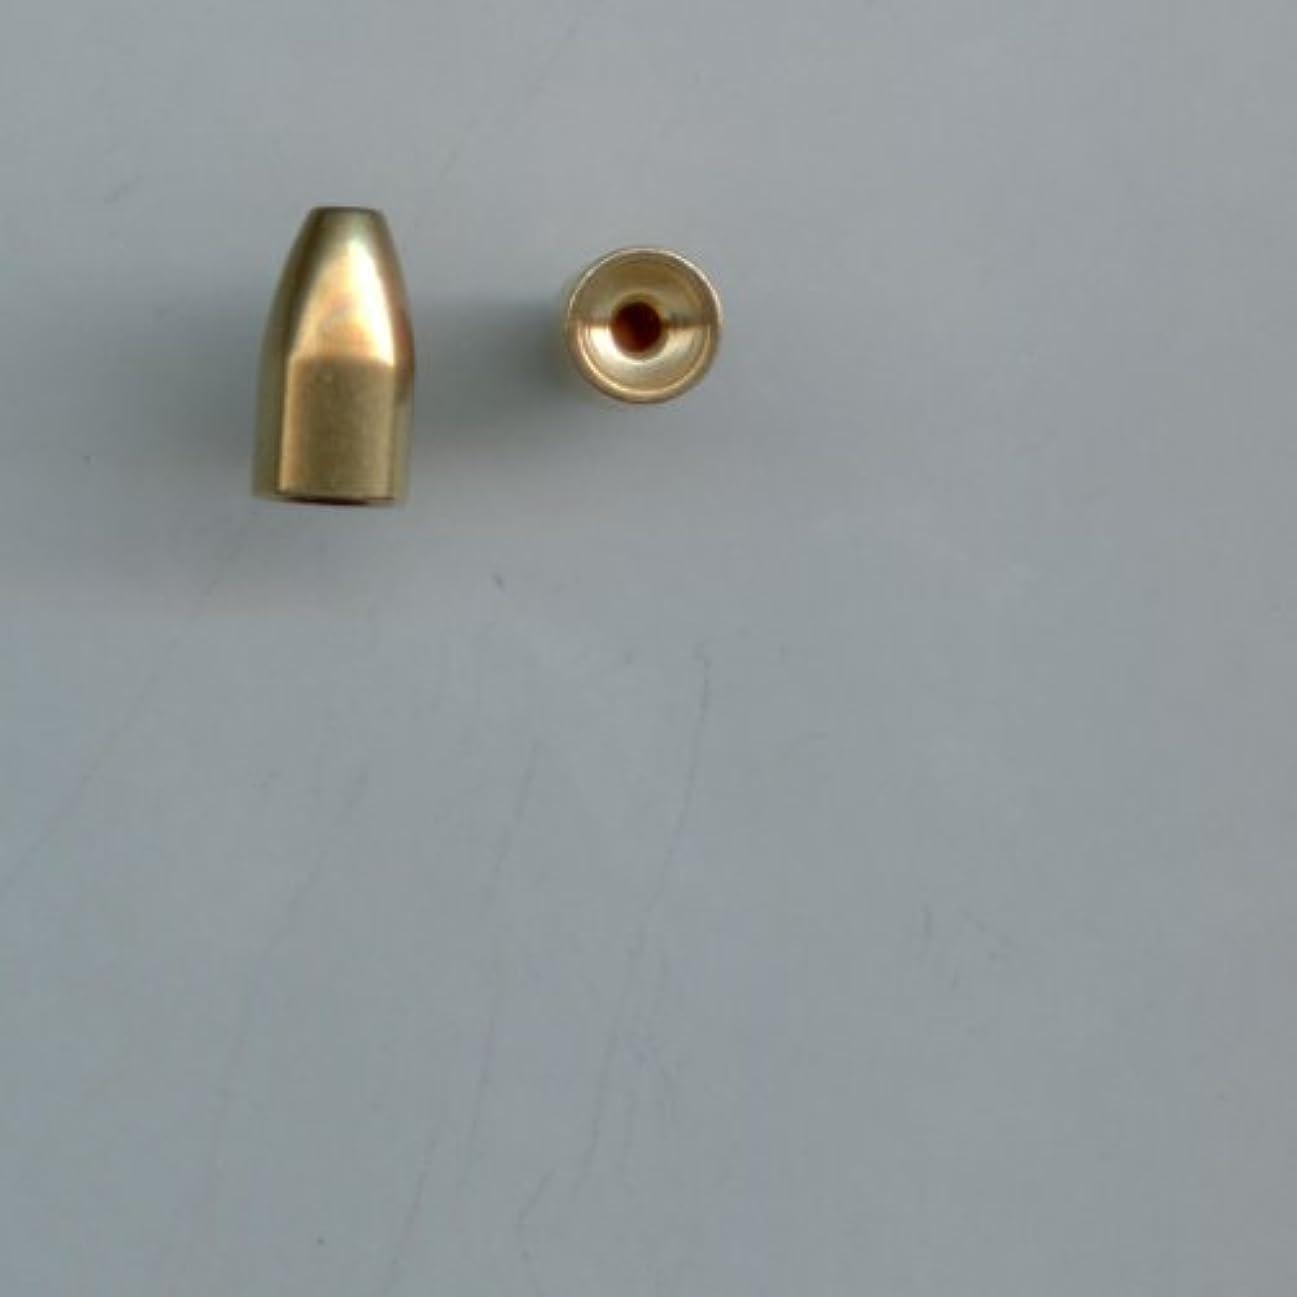 十分変換するバランスのとれた1 /16oz真鍮Bullet Sinkers, 10 per pack by S & J 'sタックルボックス